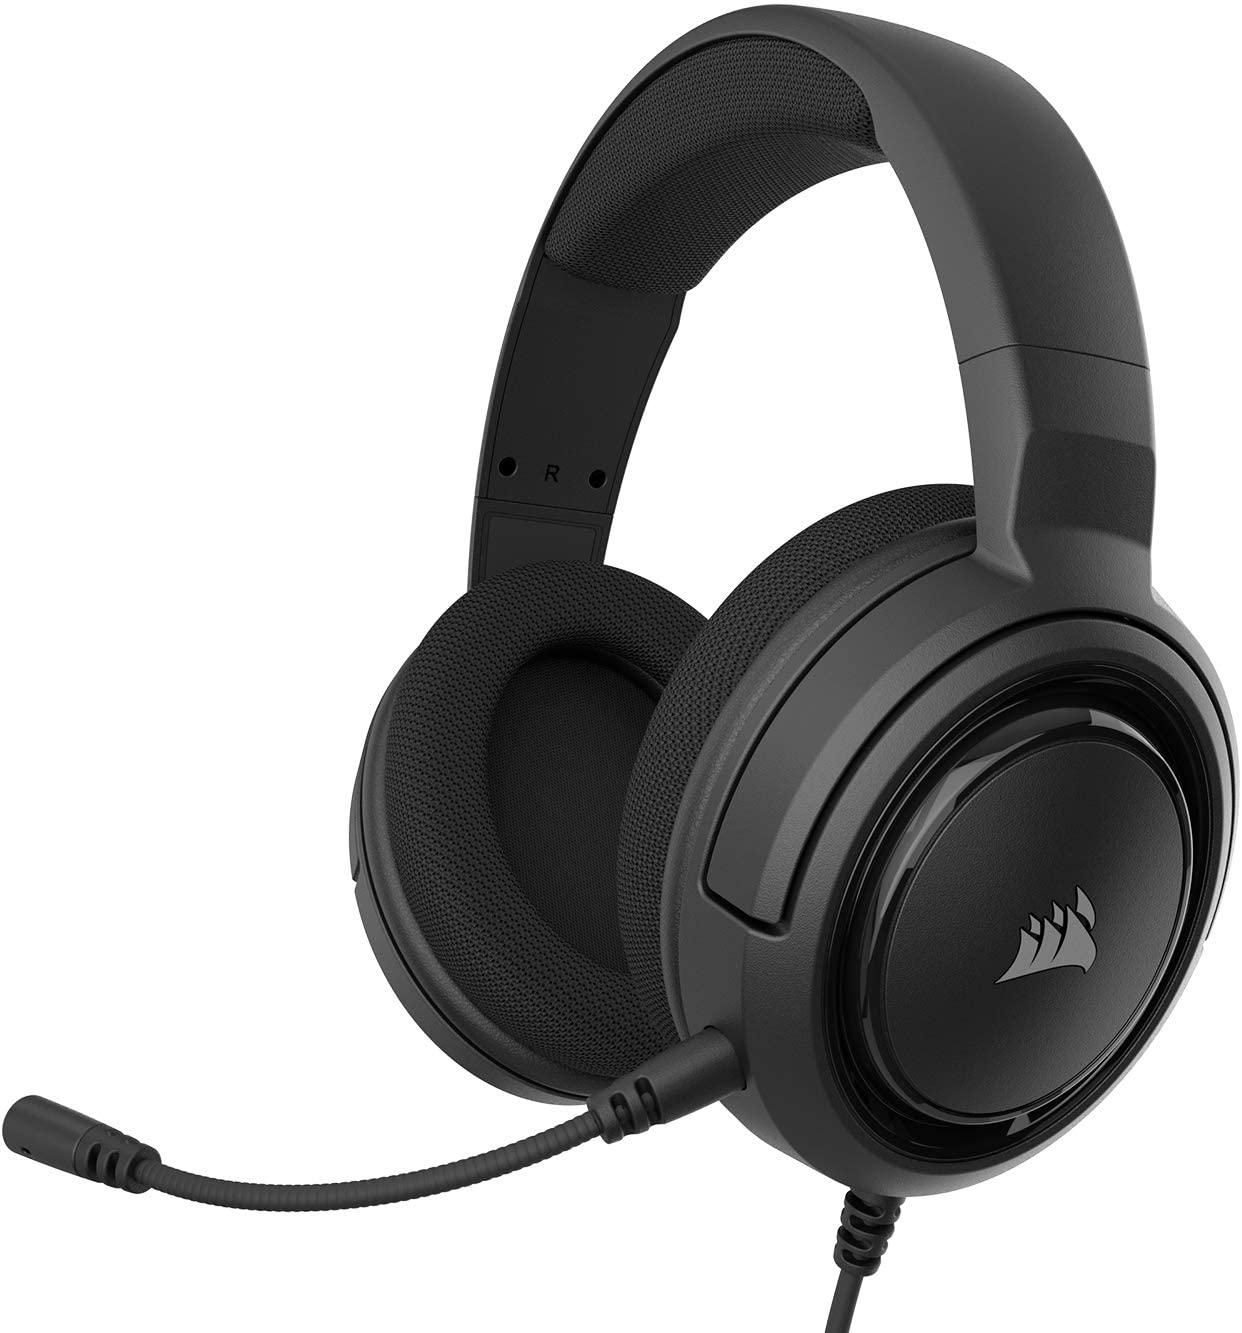 Das präzise Gaming Headset von Corsair